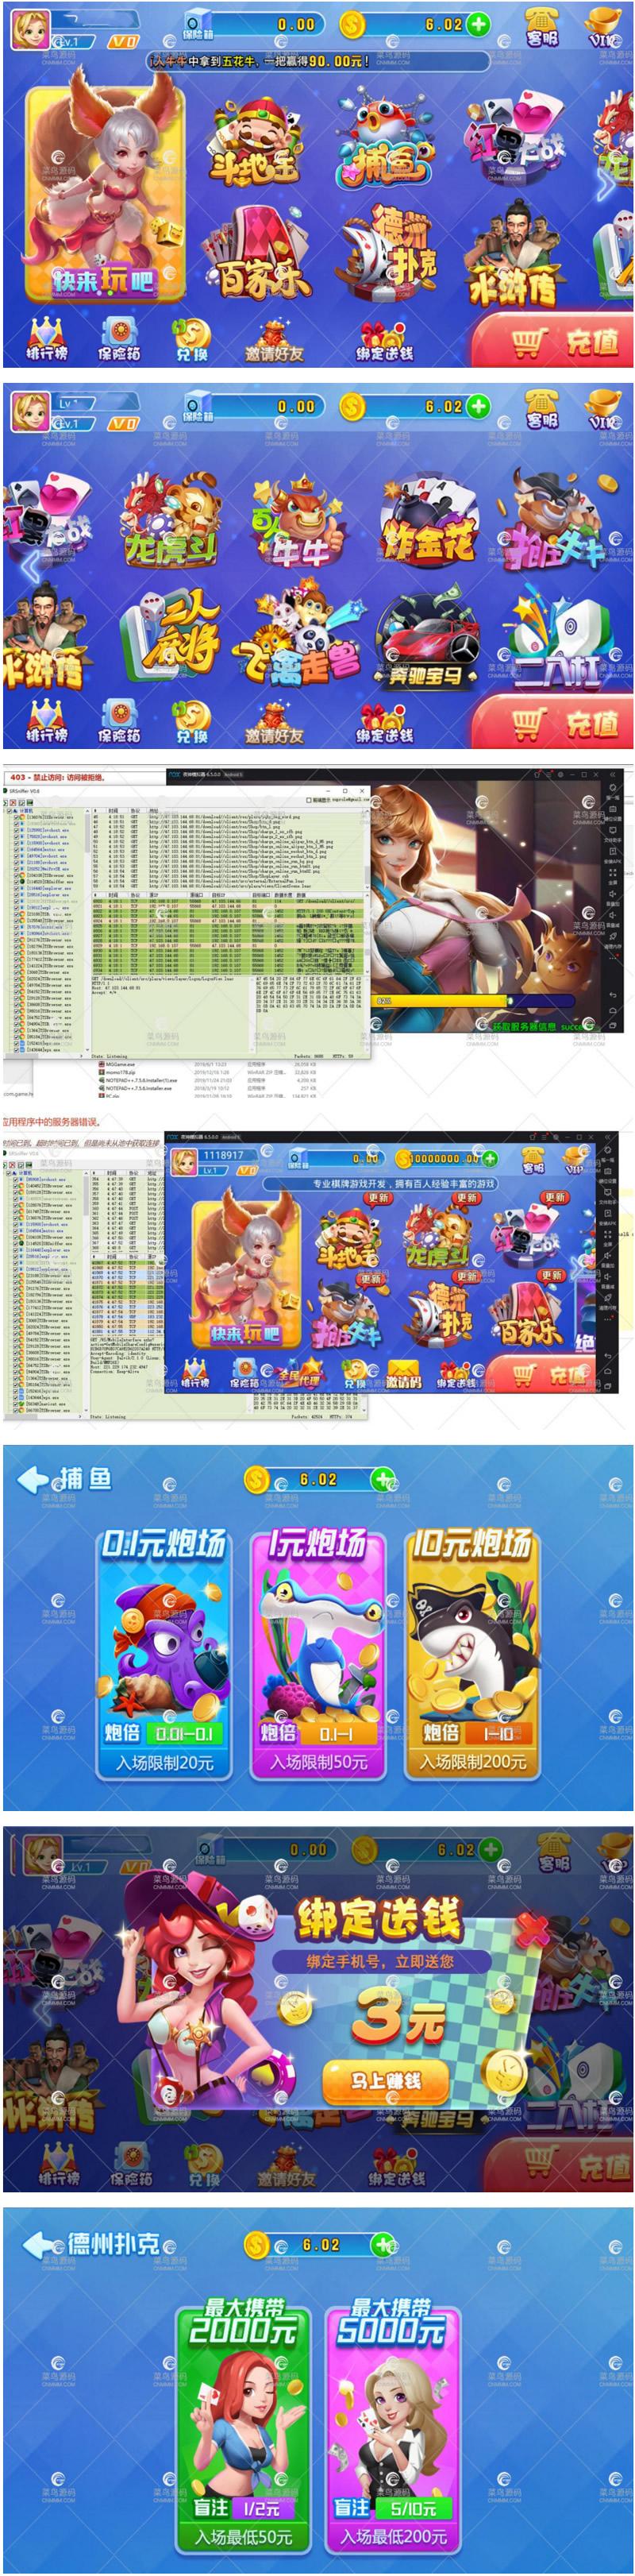 最新火萤二开 龙睿娱乐+修复运营级版本+完整数据+双端APP+视频教程-第1张